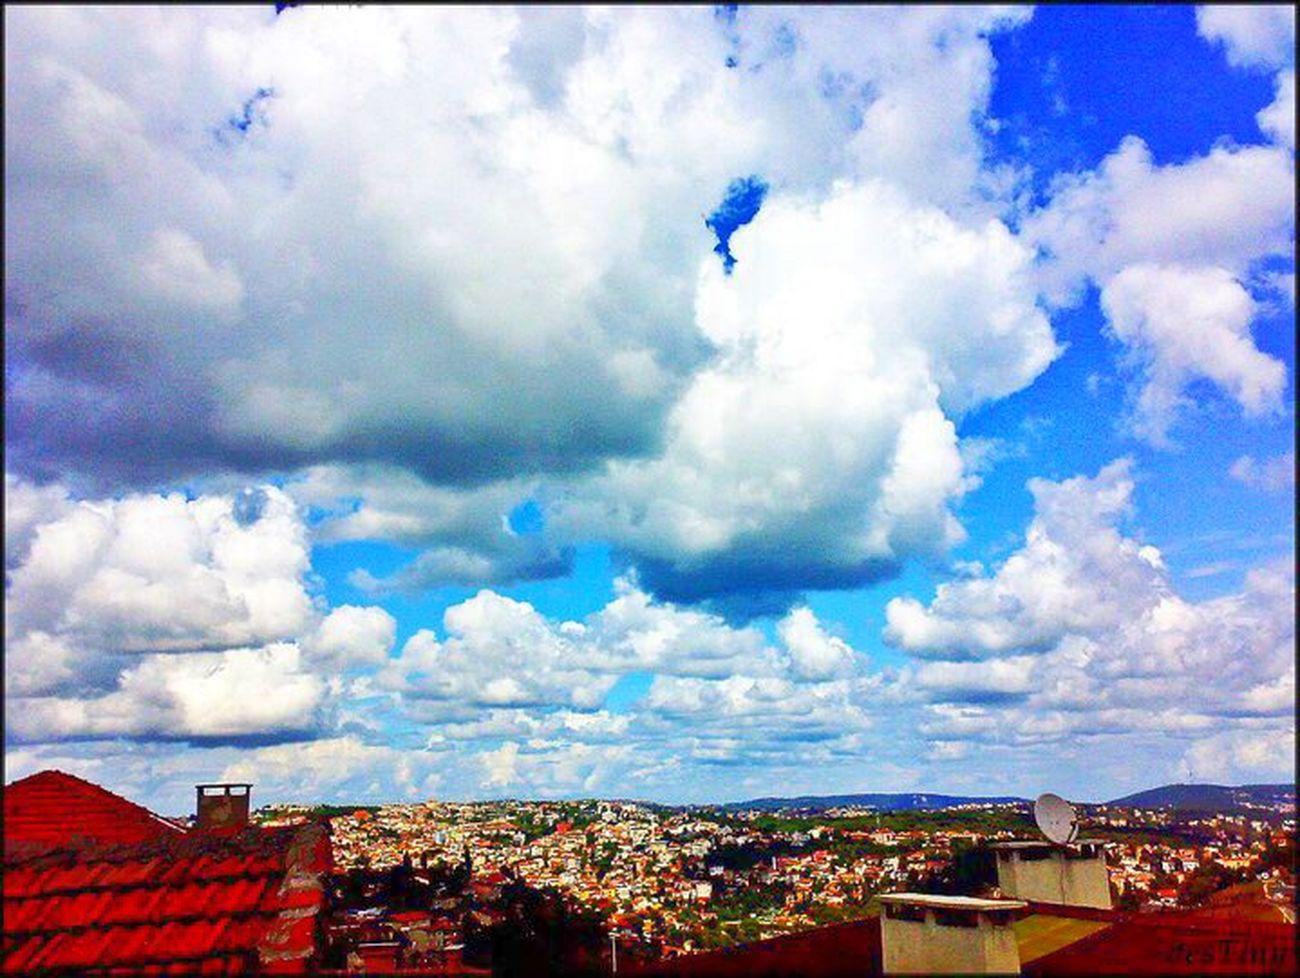 Cloud Like Blue